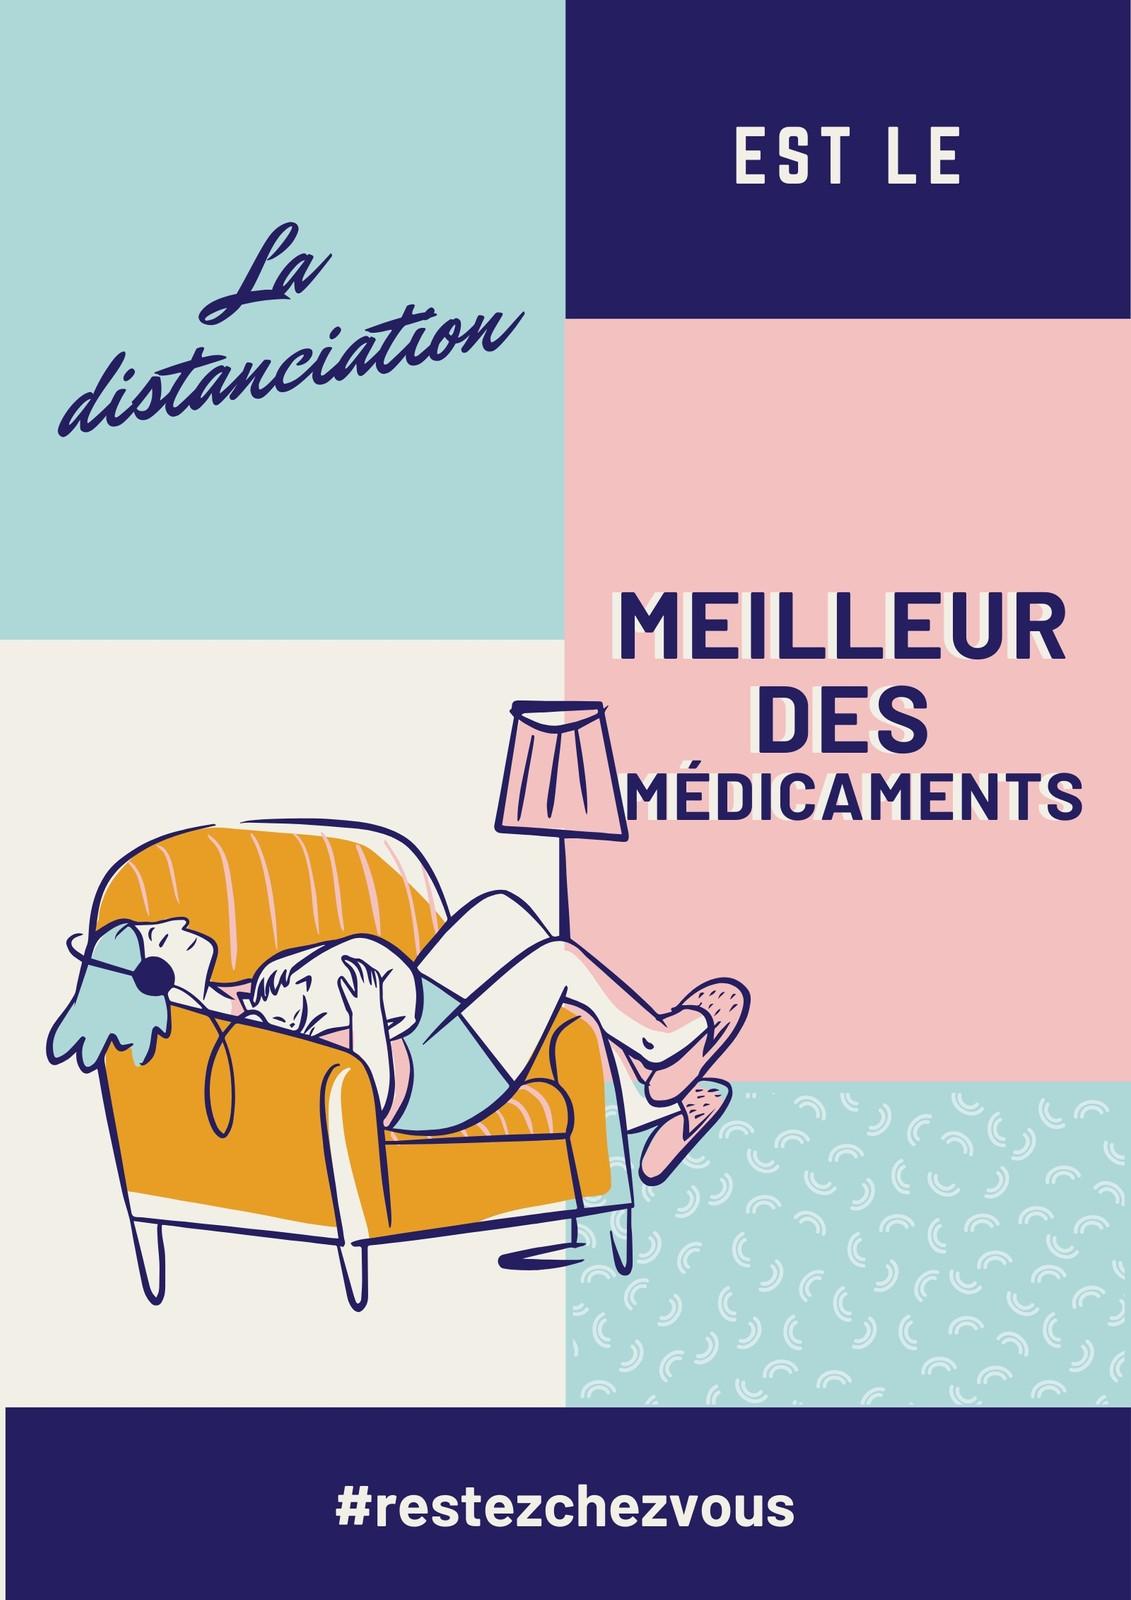 Poster COVID-19 distanciation sociale bleu, rose et crème